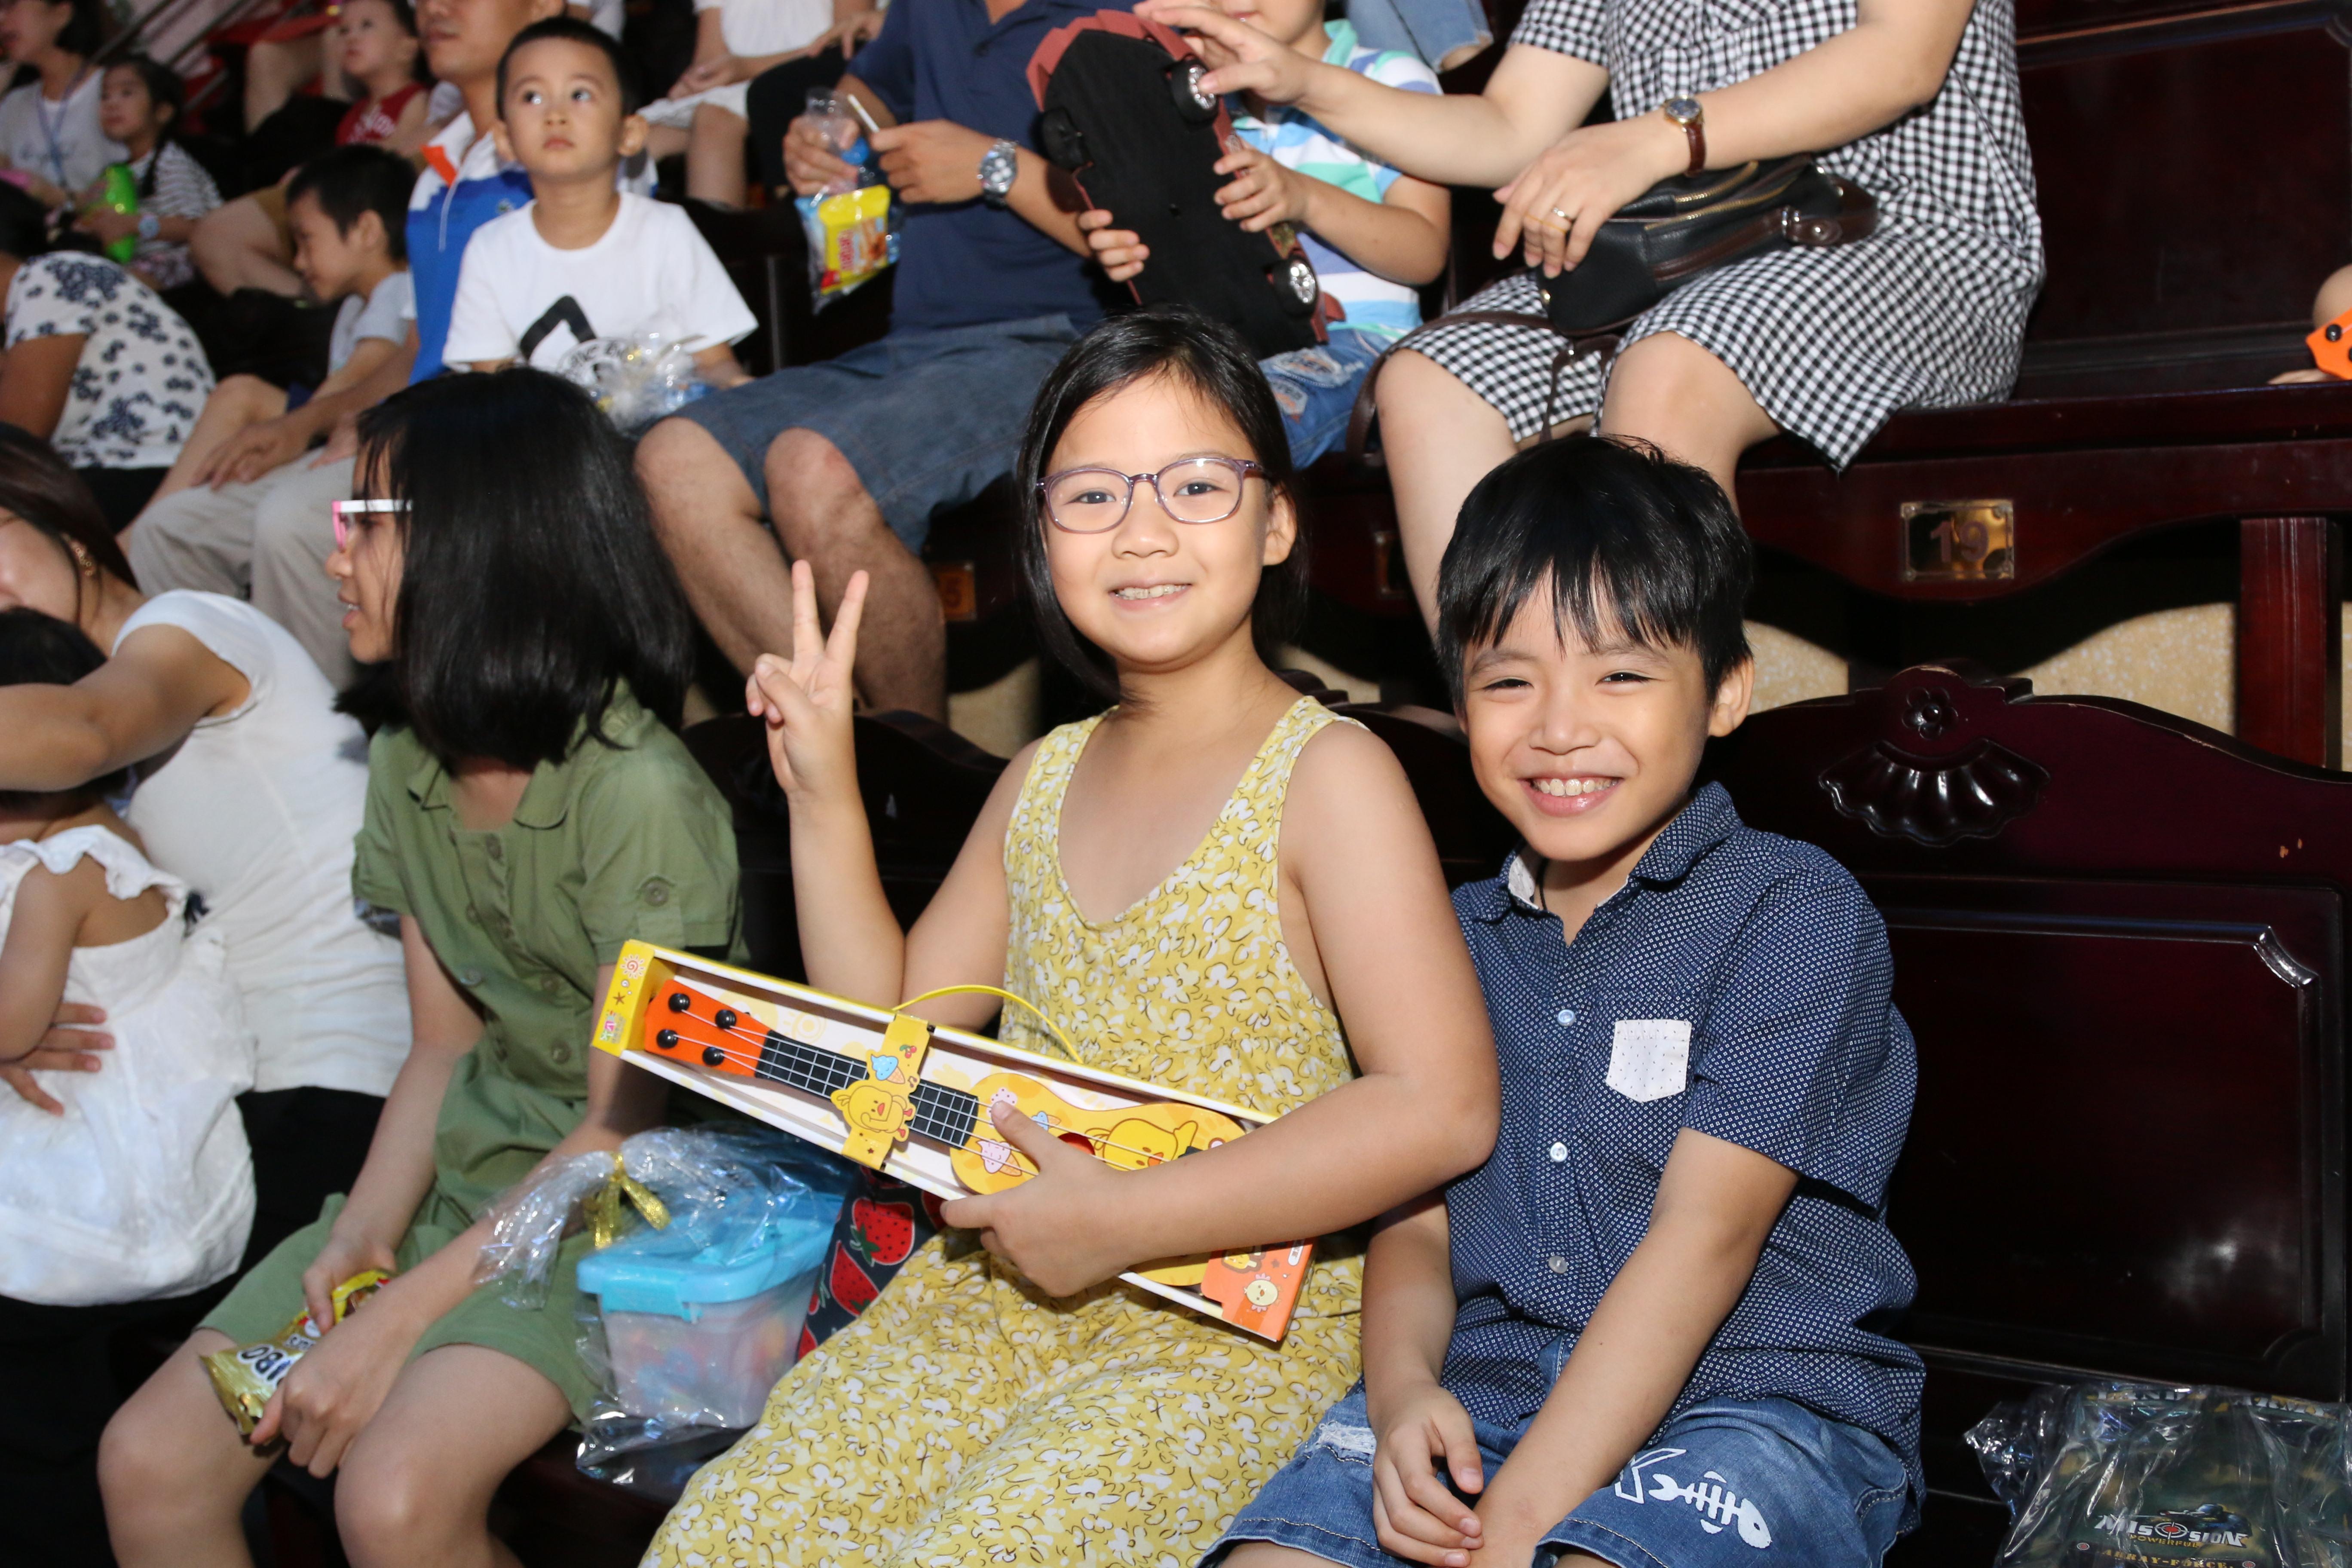 Cả gia đình anh Nguyễn Quốc Đông (Phó Giám đốc FHN) bày tỏ thích thú và phấn khởi khi thưởng thức các tiết mục đặc sắc của xiếc nghệ thuật, mang đến nhiều tiếng cười sảng khoái, những điều kỳ thú và bổ ích dịp hè. Anh Đông mong muốn công ty tổ chức nhiều hơn nữa các hoạt động cho các FPT Small tham gia.